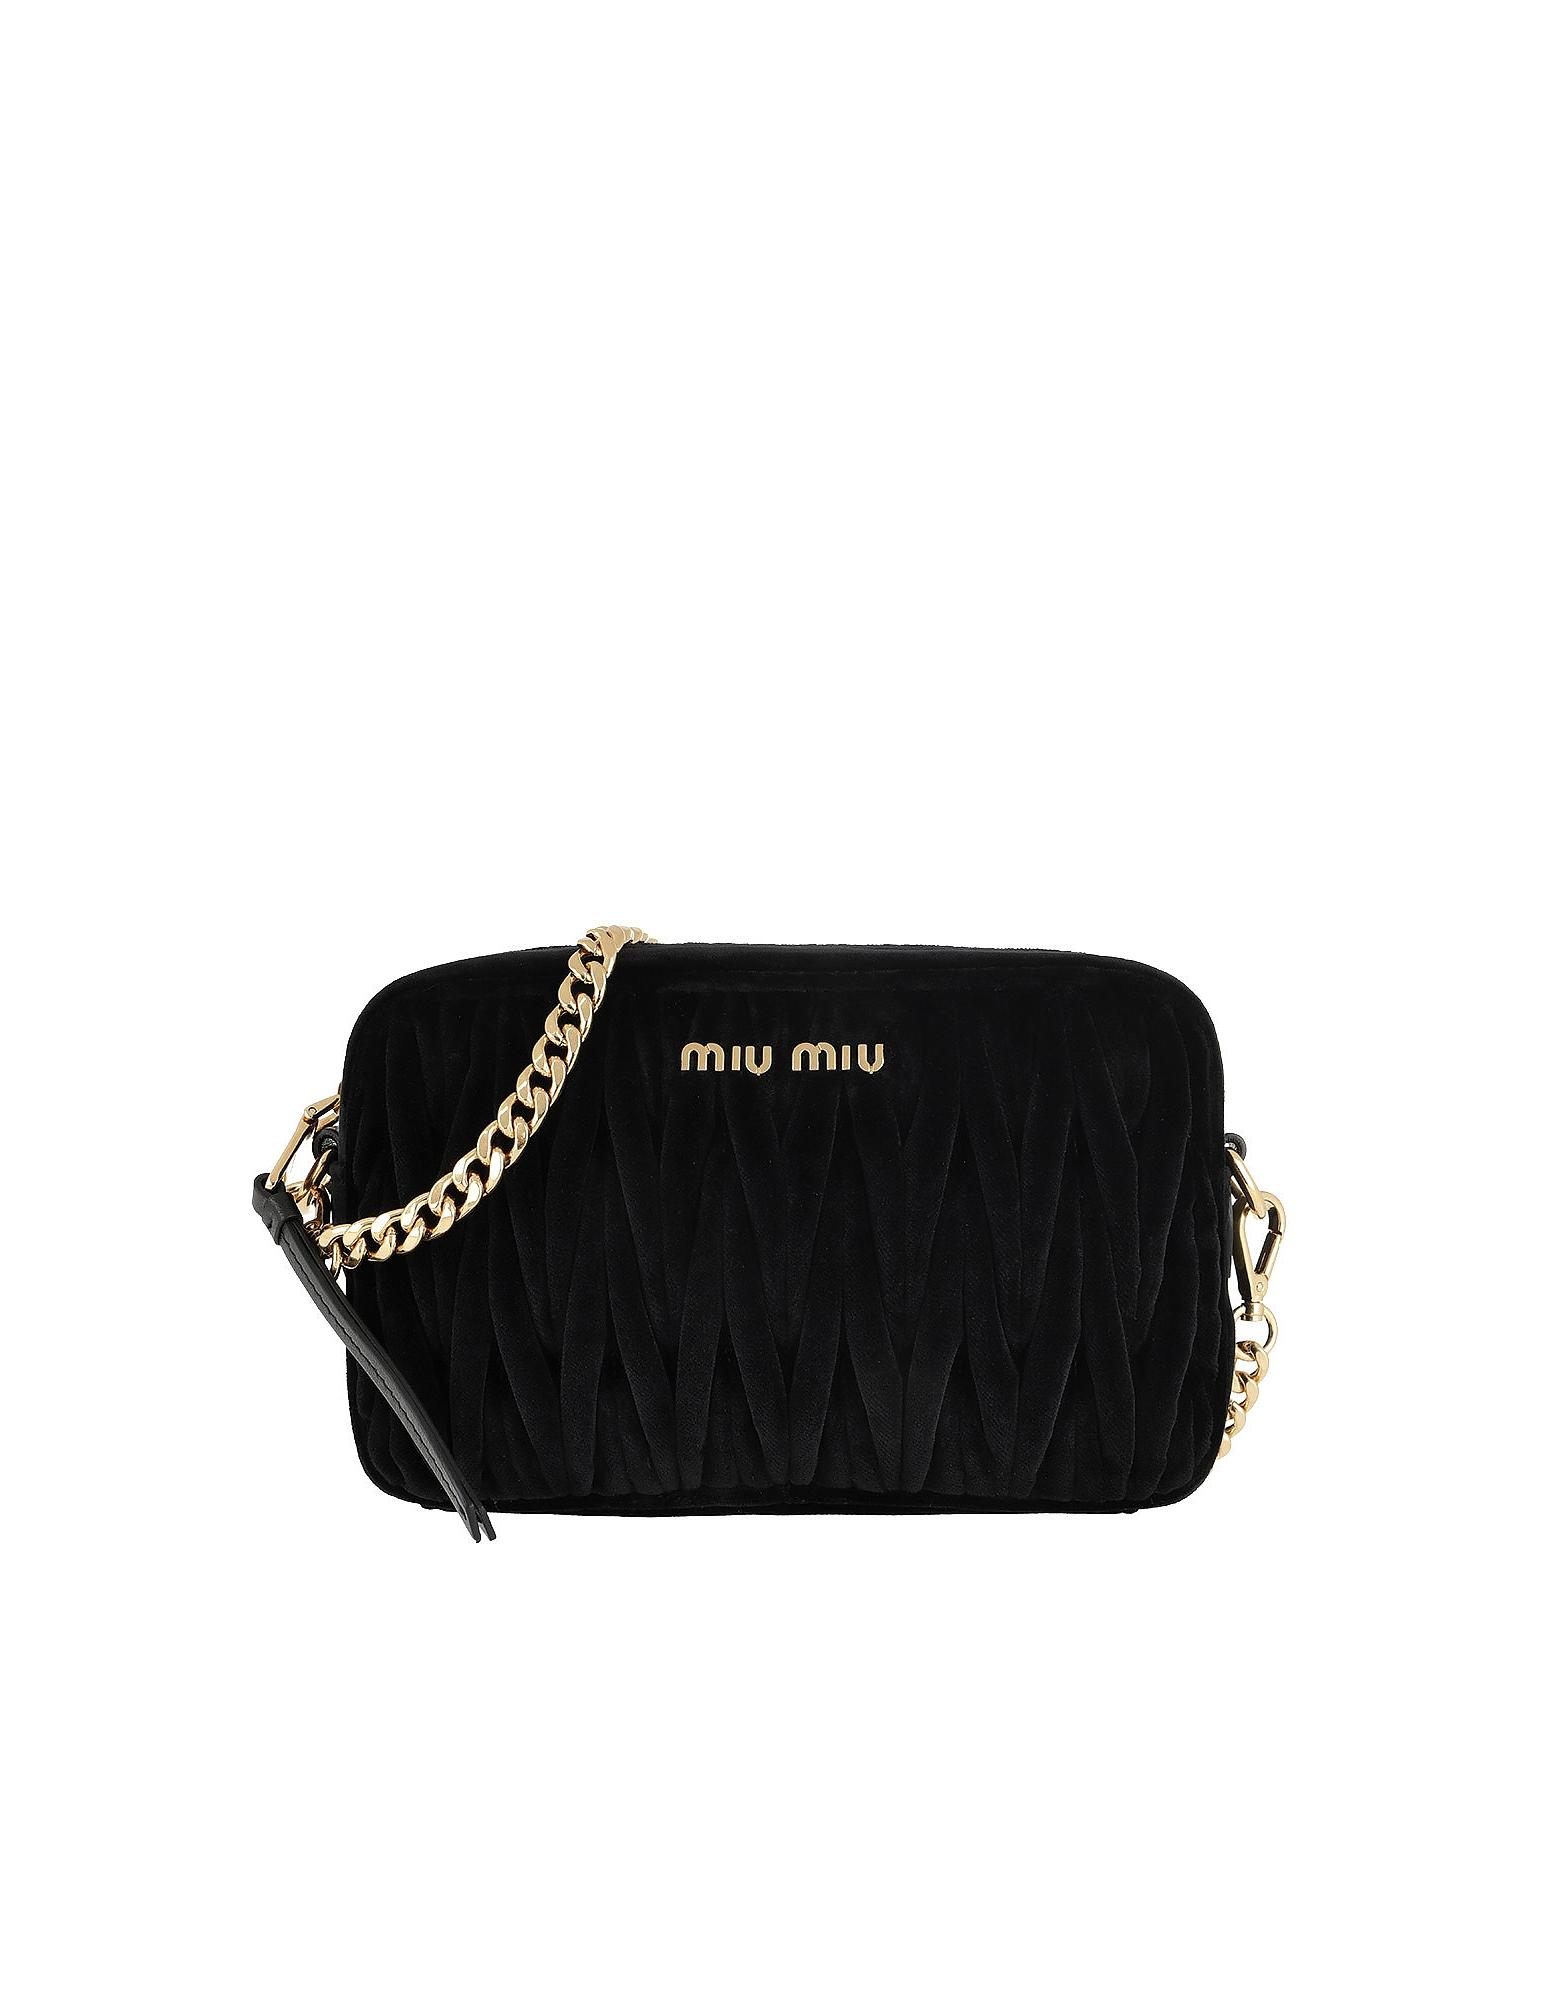 16efab0b7194 Miu Miu - Matelassé Shoulder Bag Velvet Black - Lyst. View fullscreen